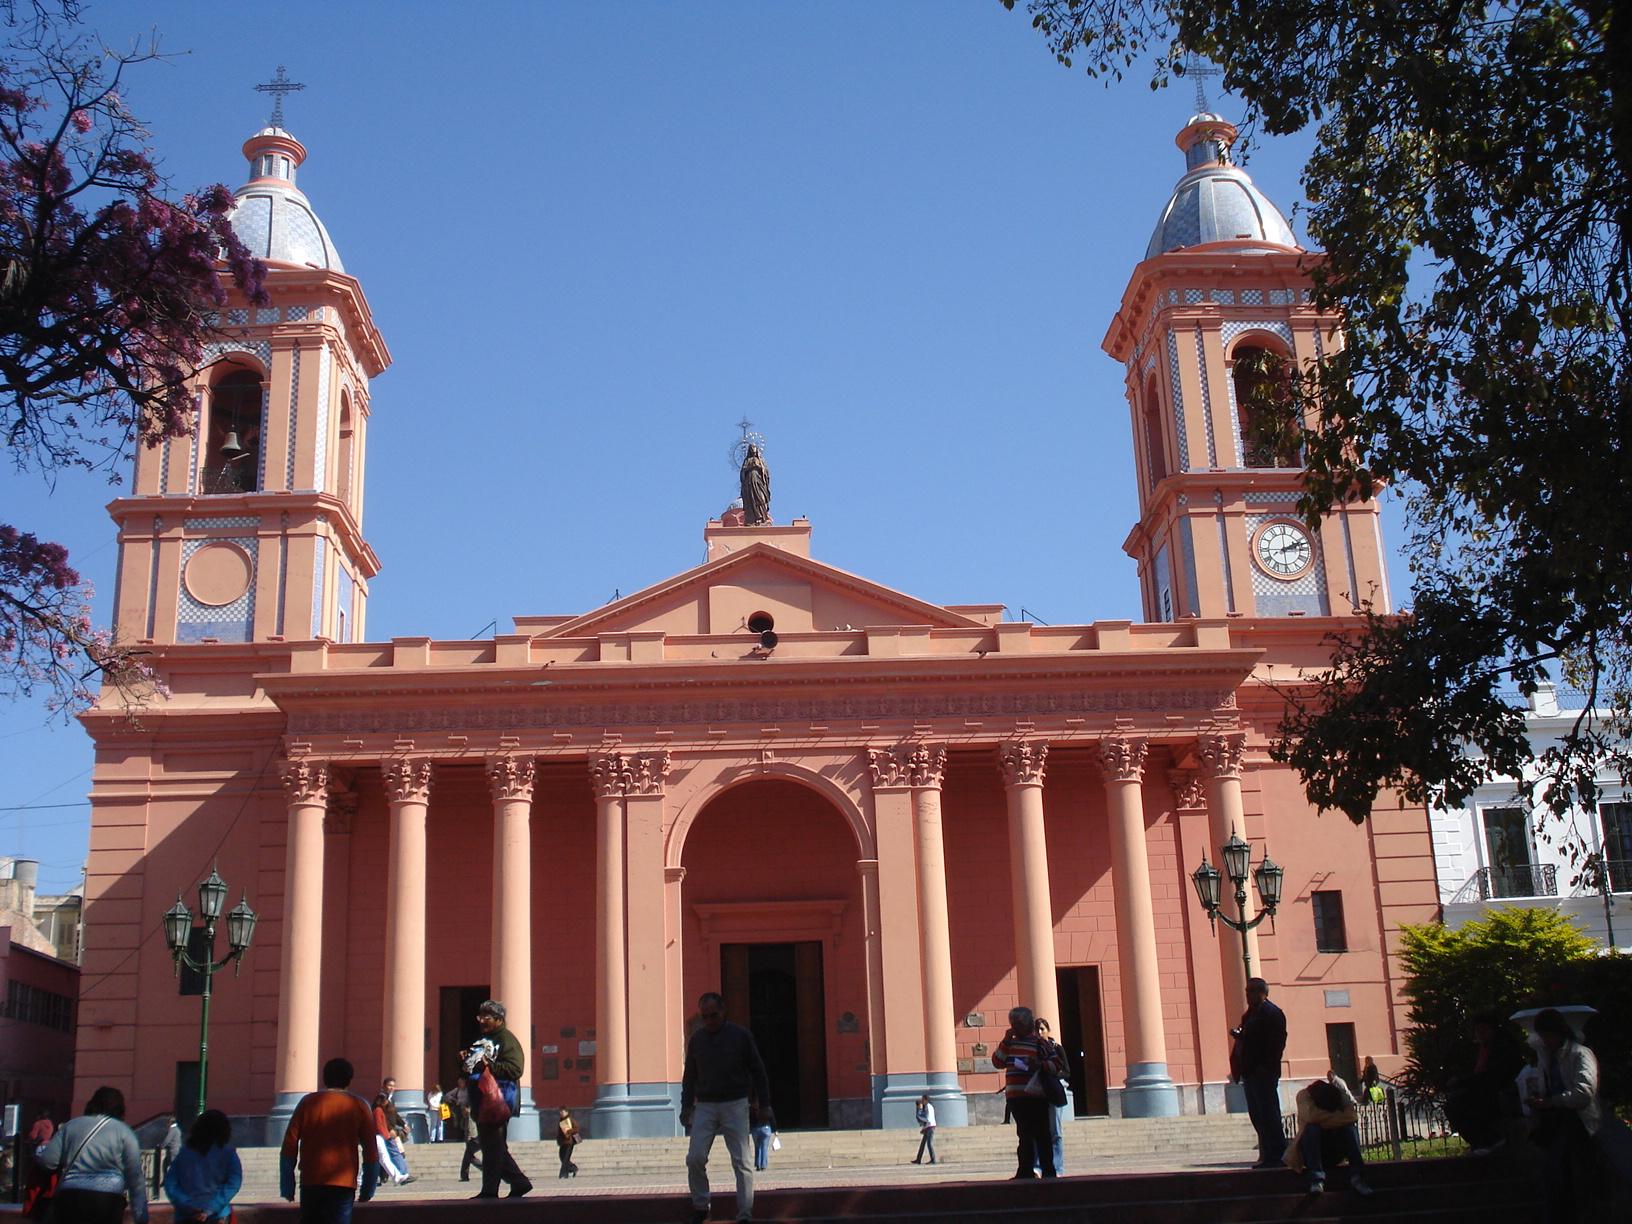 Catedral basílica de Nuestra Señora del Valle - Wikipedia, la enciclopedia libre